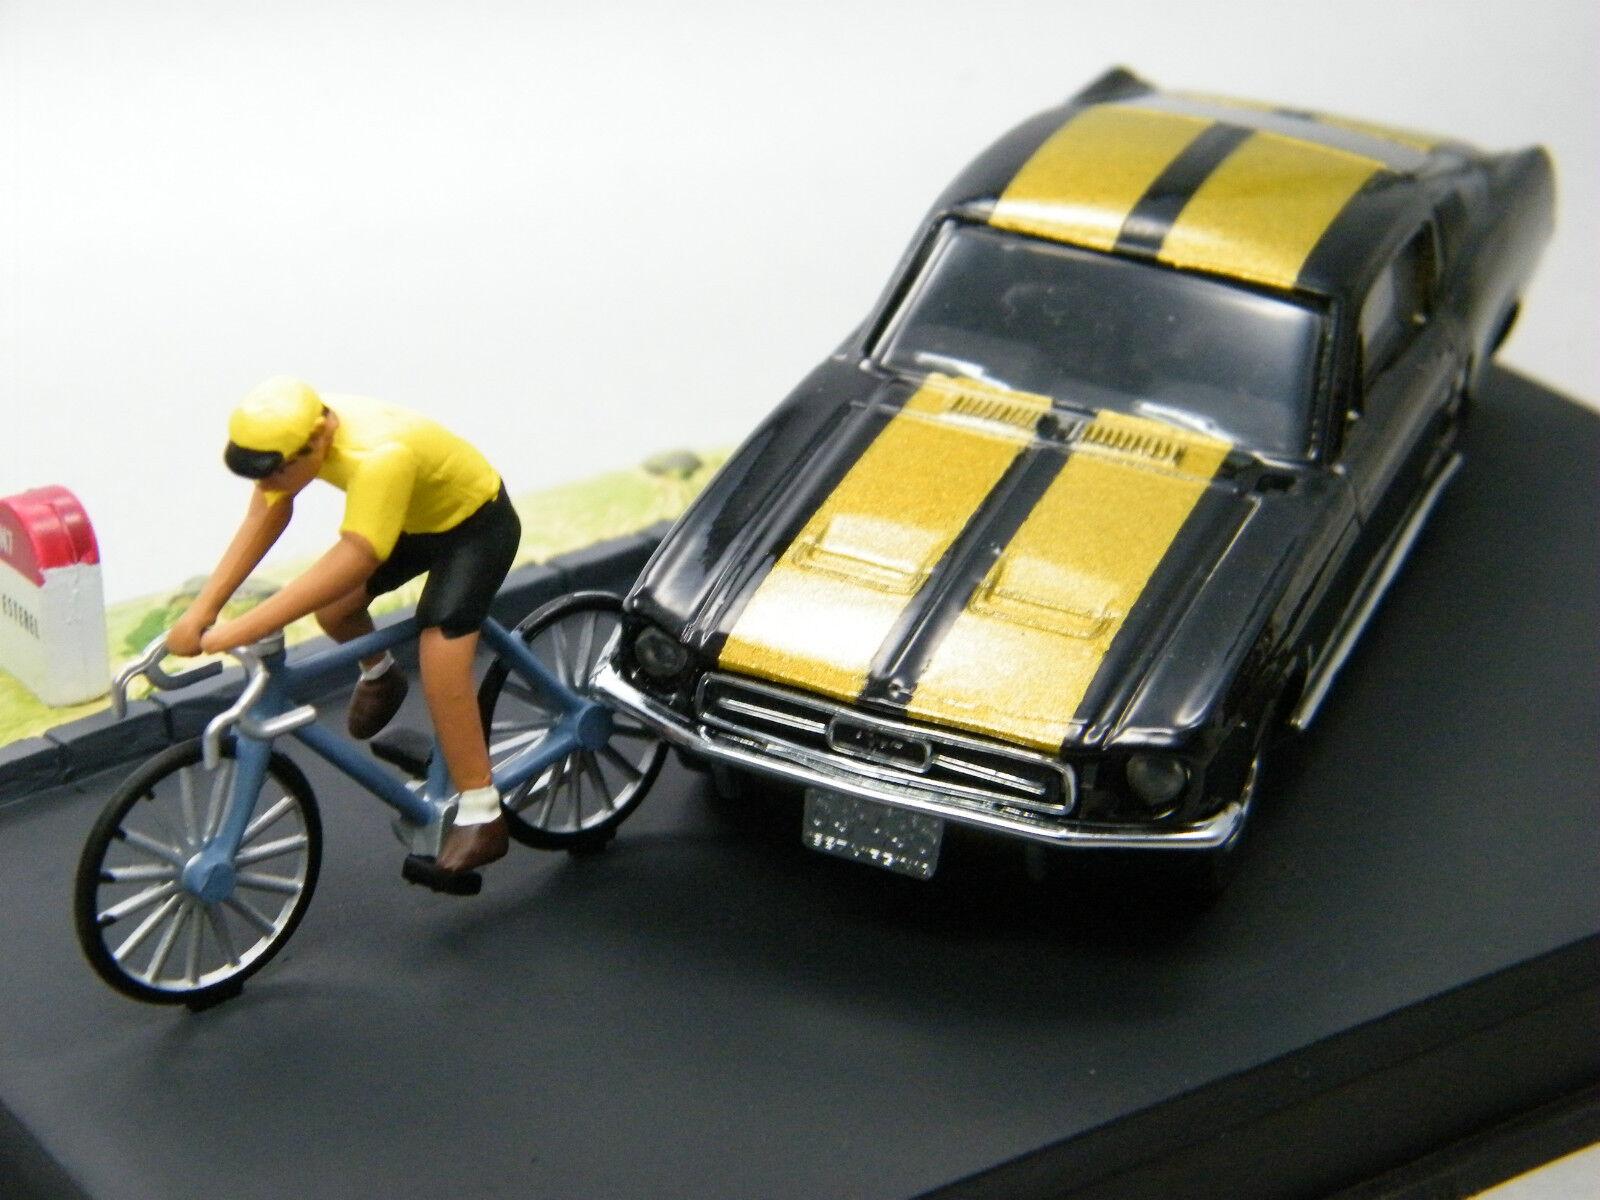 MATCHBOX DY diorama série dy-16 Mustang Noir 1v6 m 1 43 code 2 rare